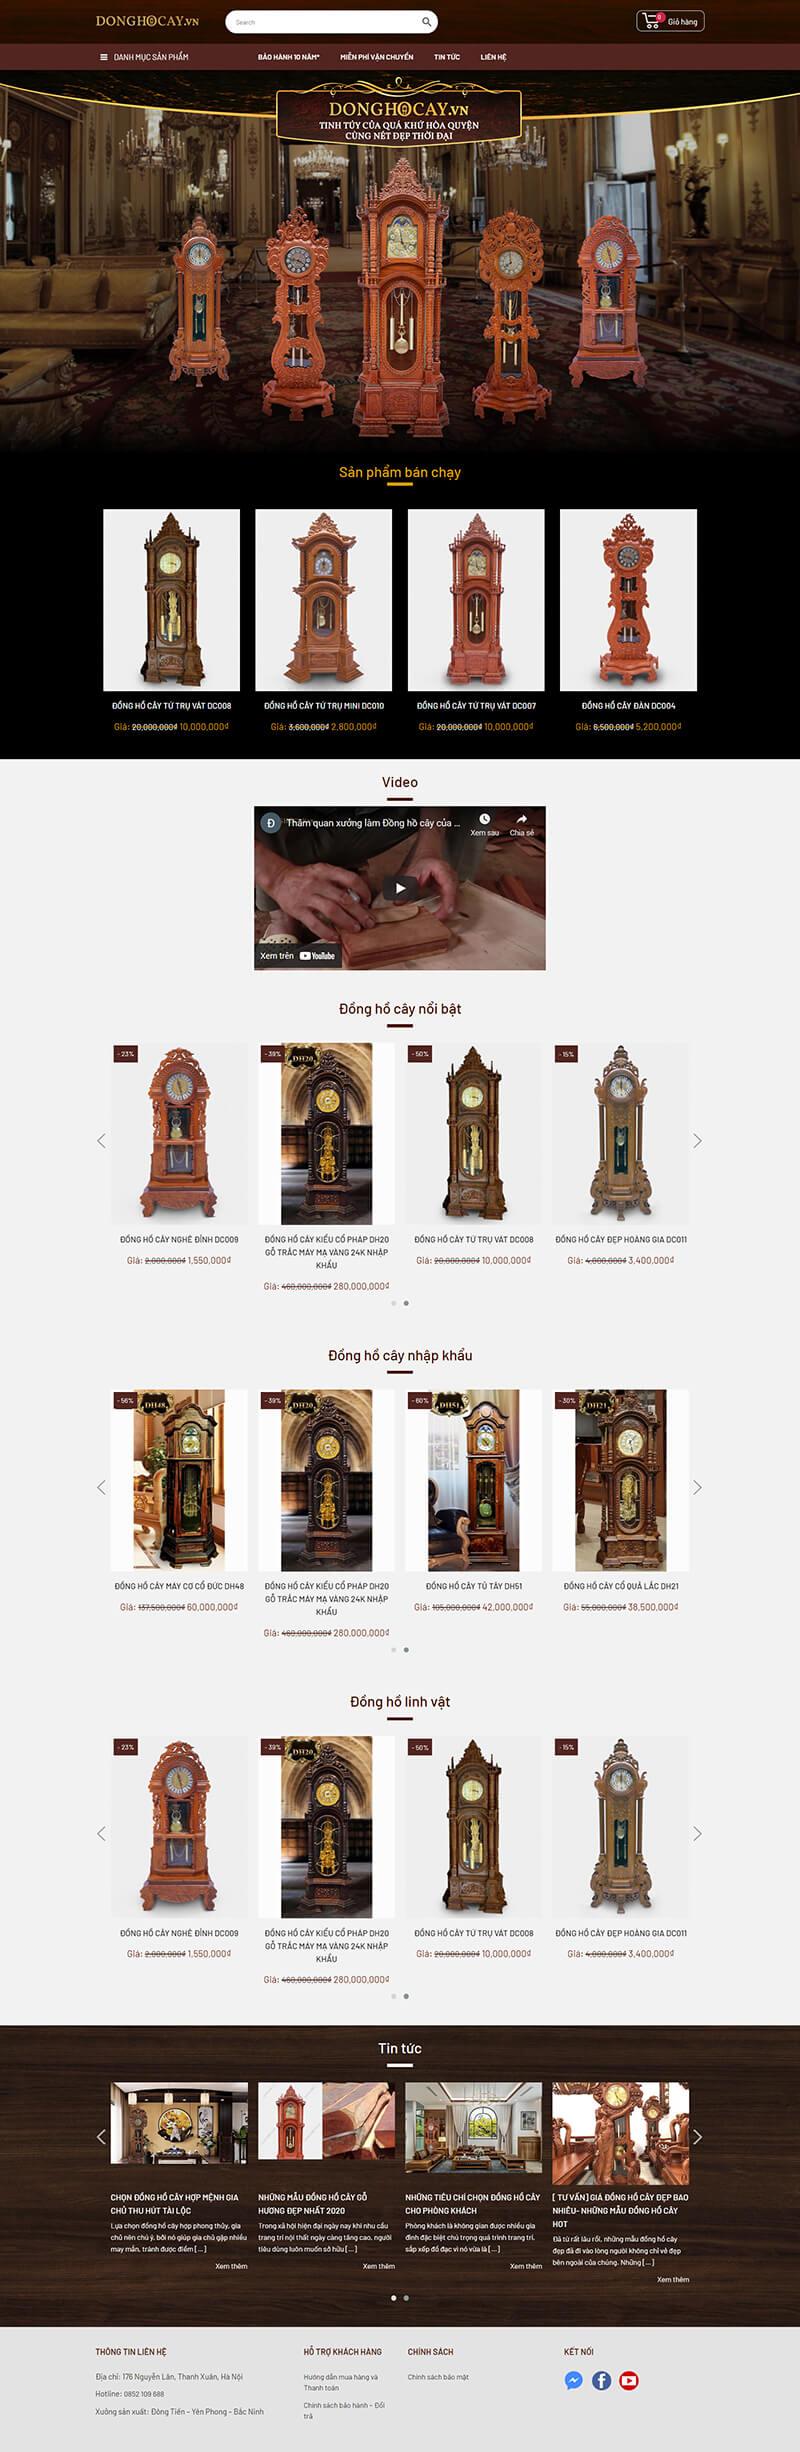 Thiết kế website nội thất bán hàng Đồng Hồ Cây